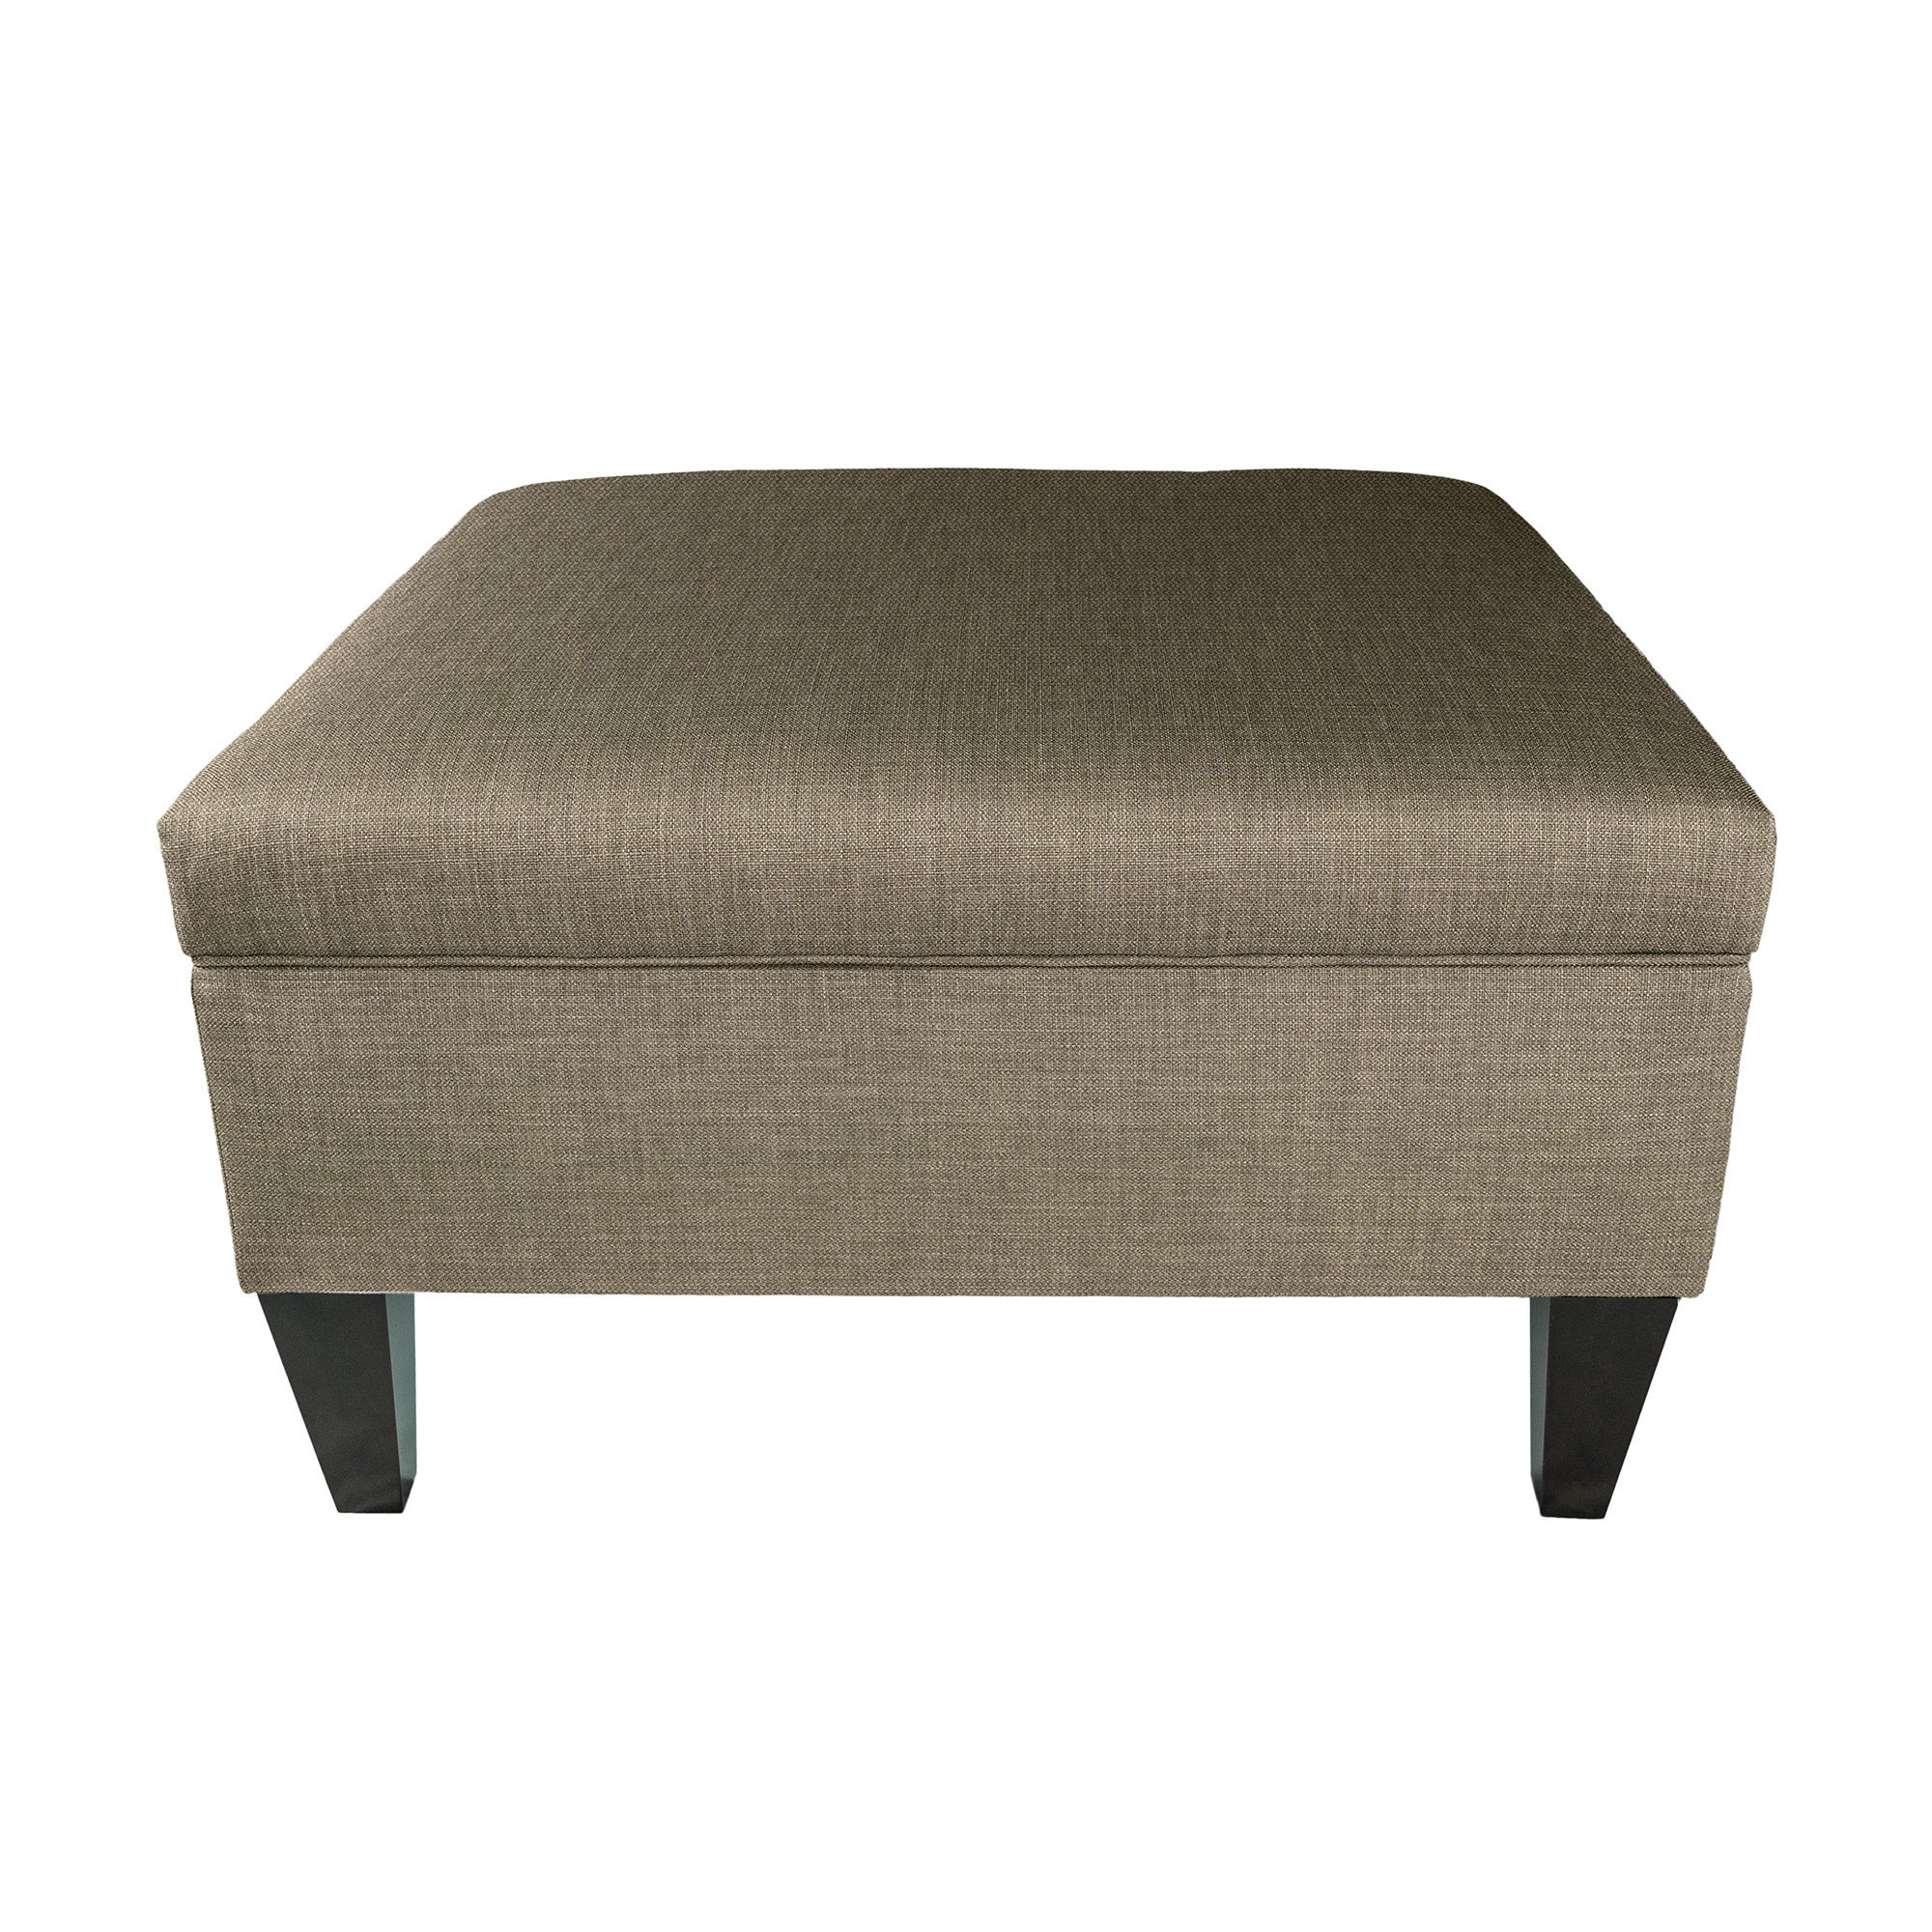 Beau MJL Furniture Manhattan DAWSON 7 Espresso Wood Polyester